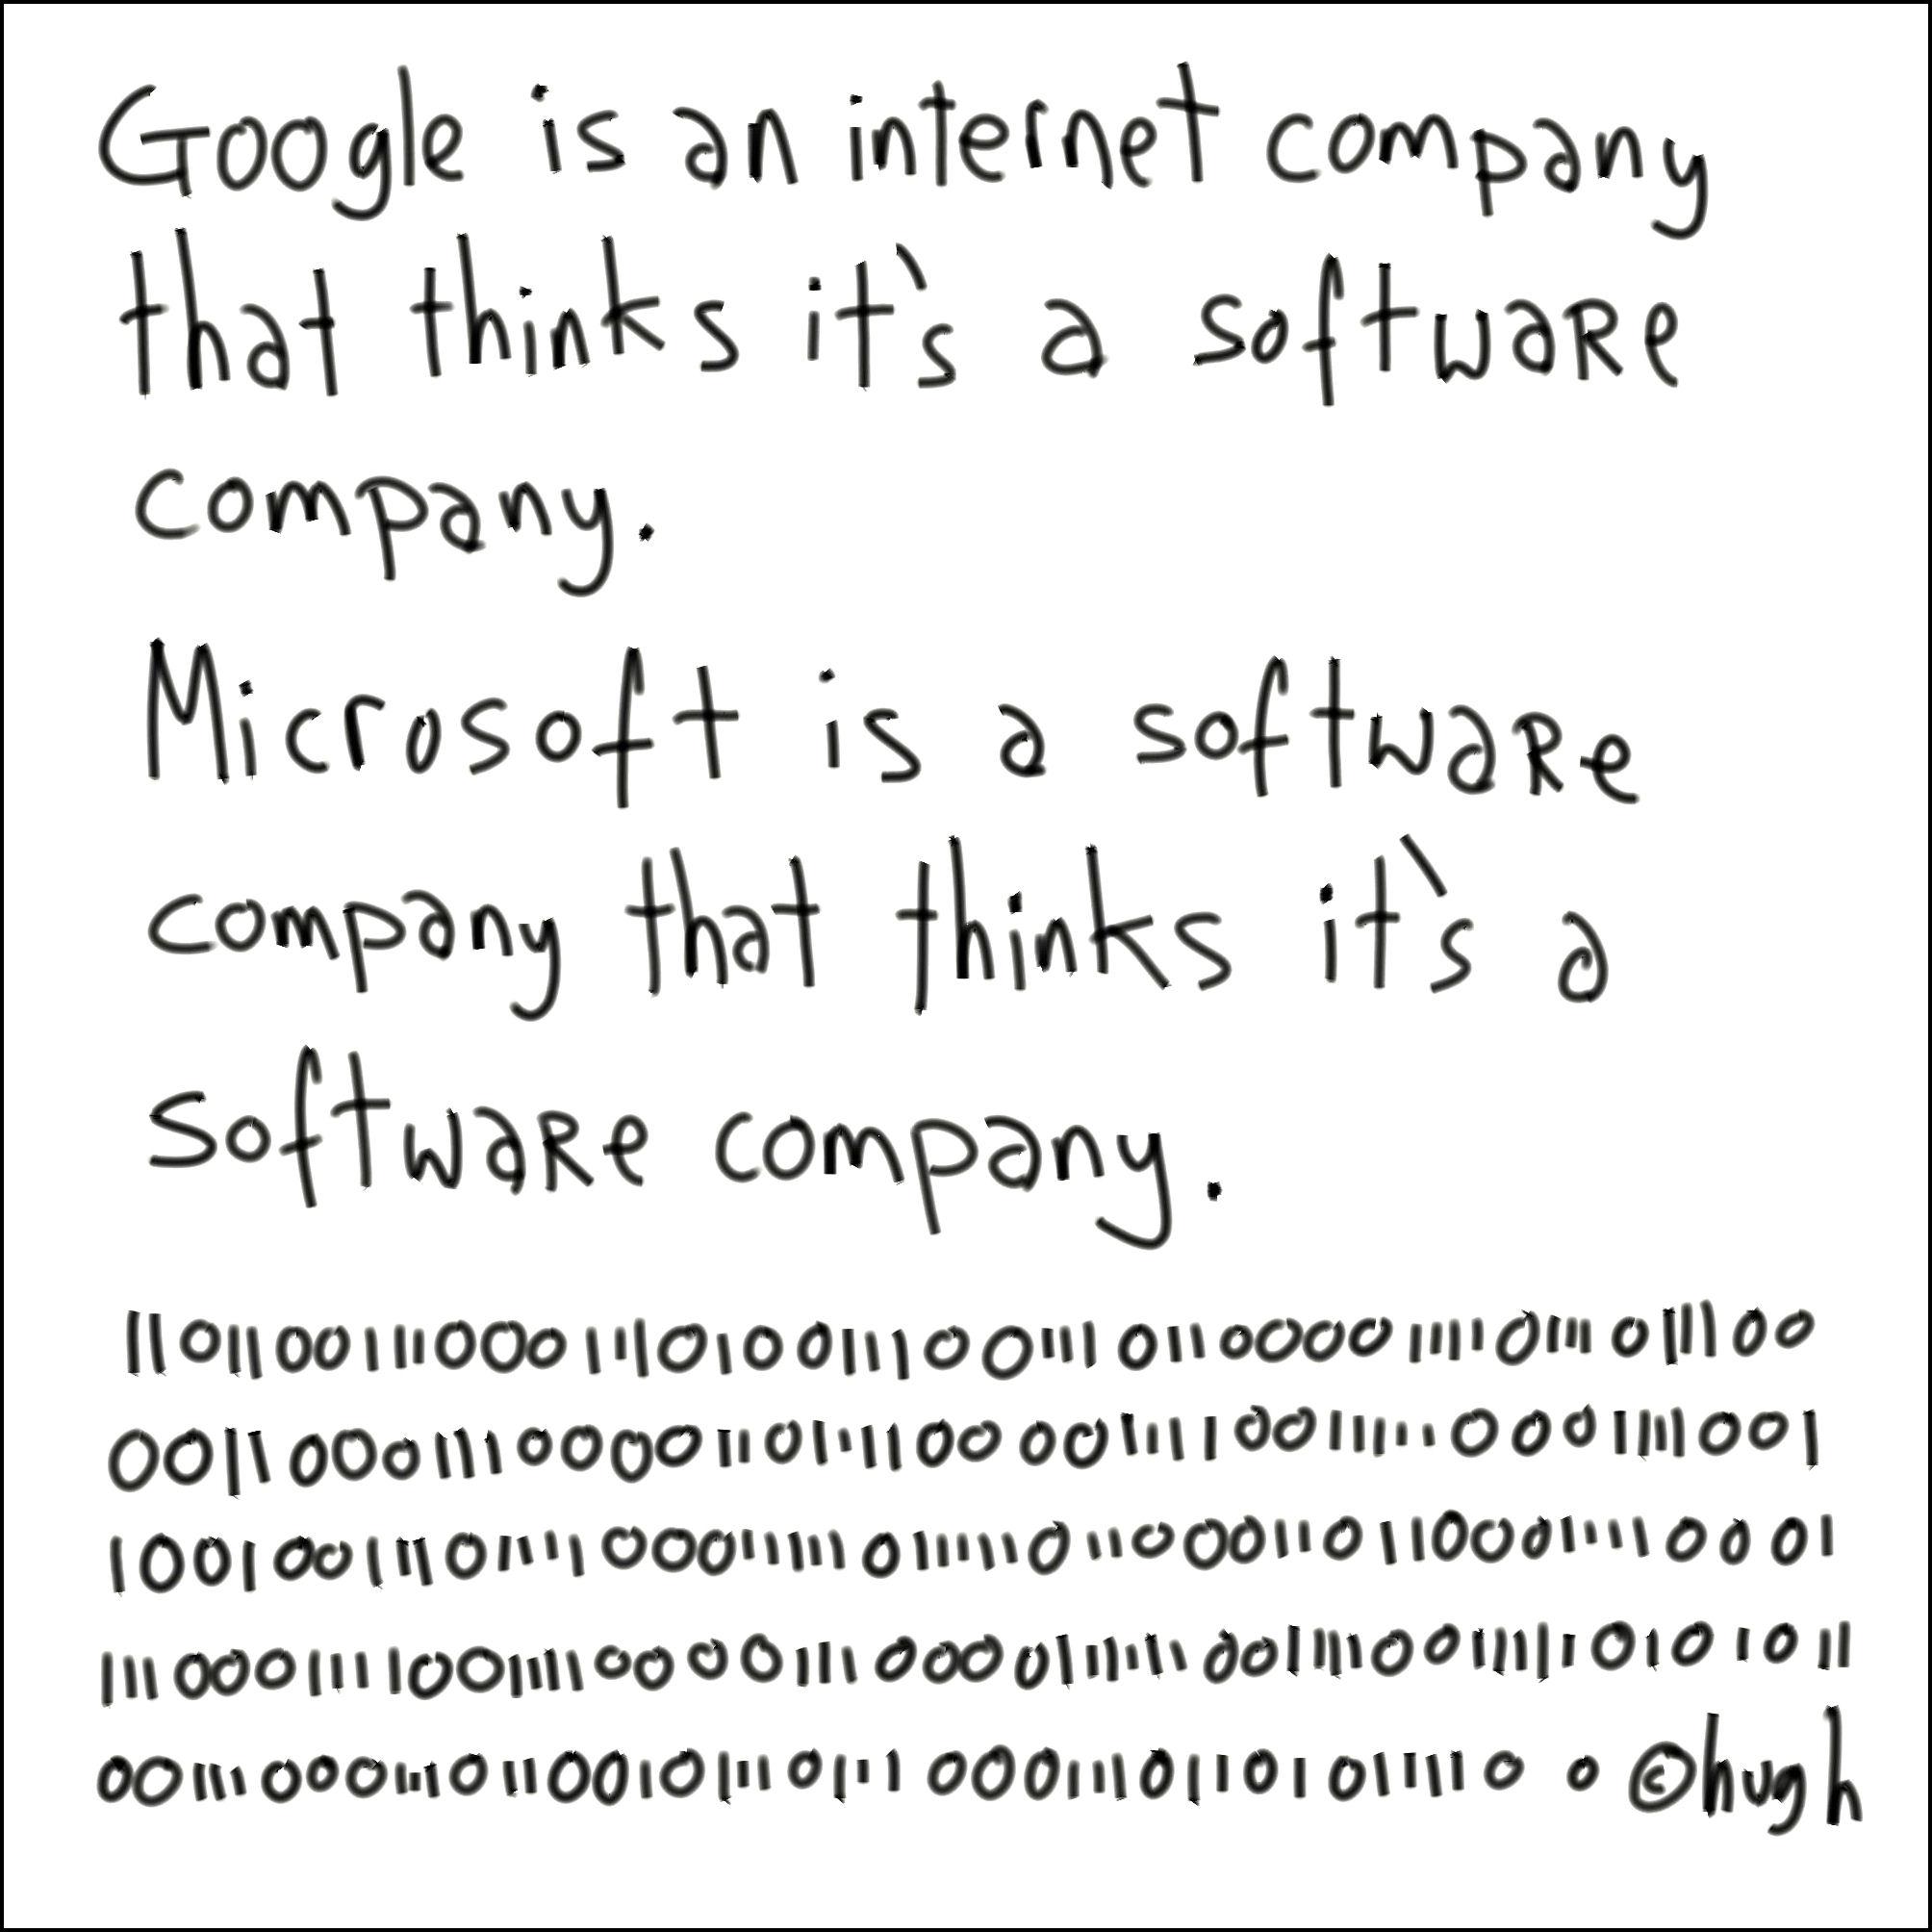 googleis.jpg